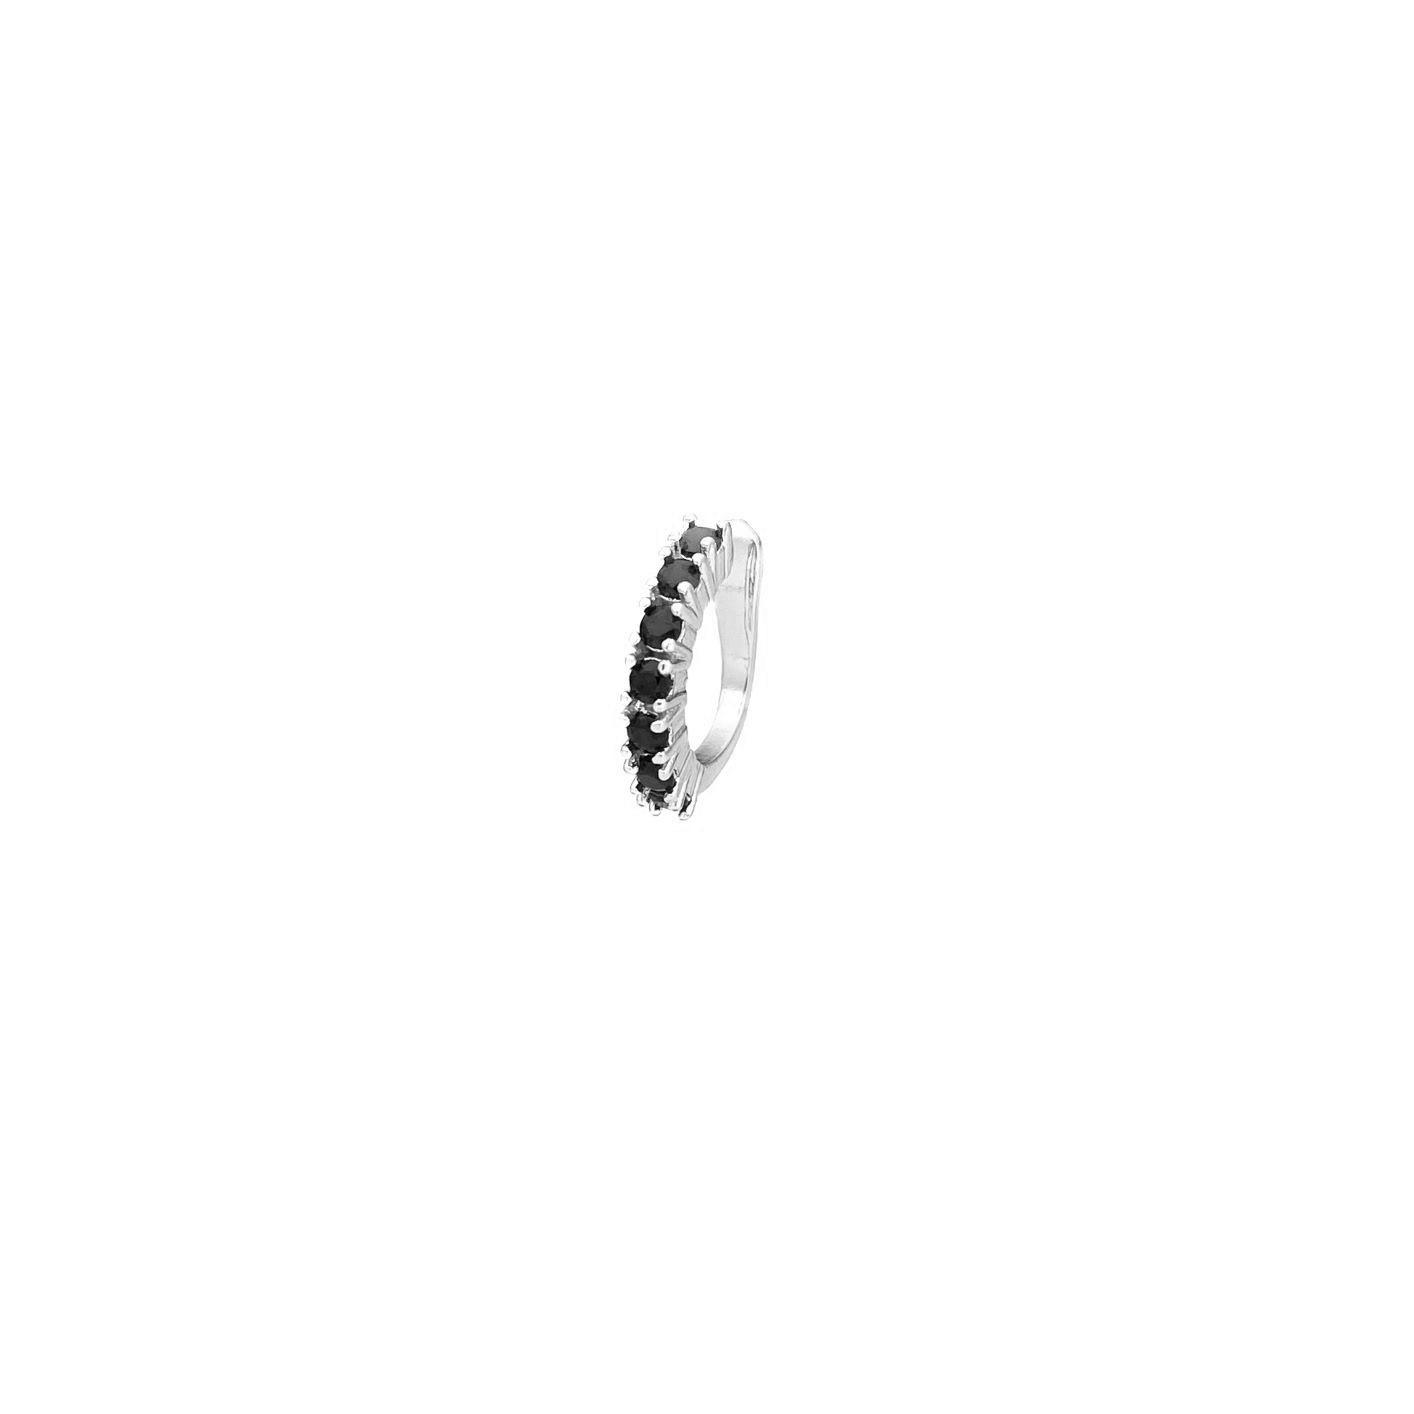 Piercing Fake Concha Helix Zircônia Negra 1 Fileira (Banho Prata 925)